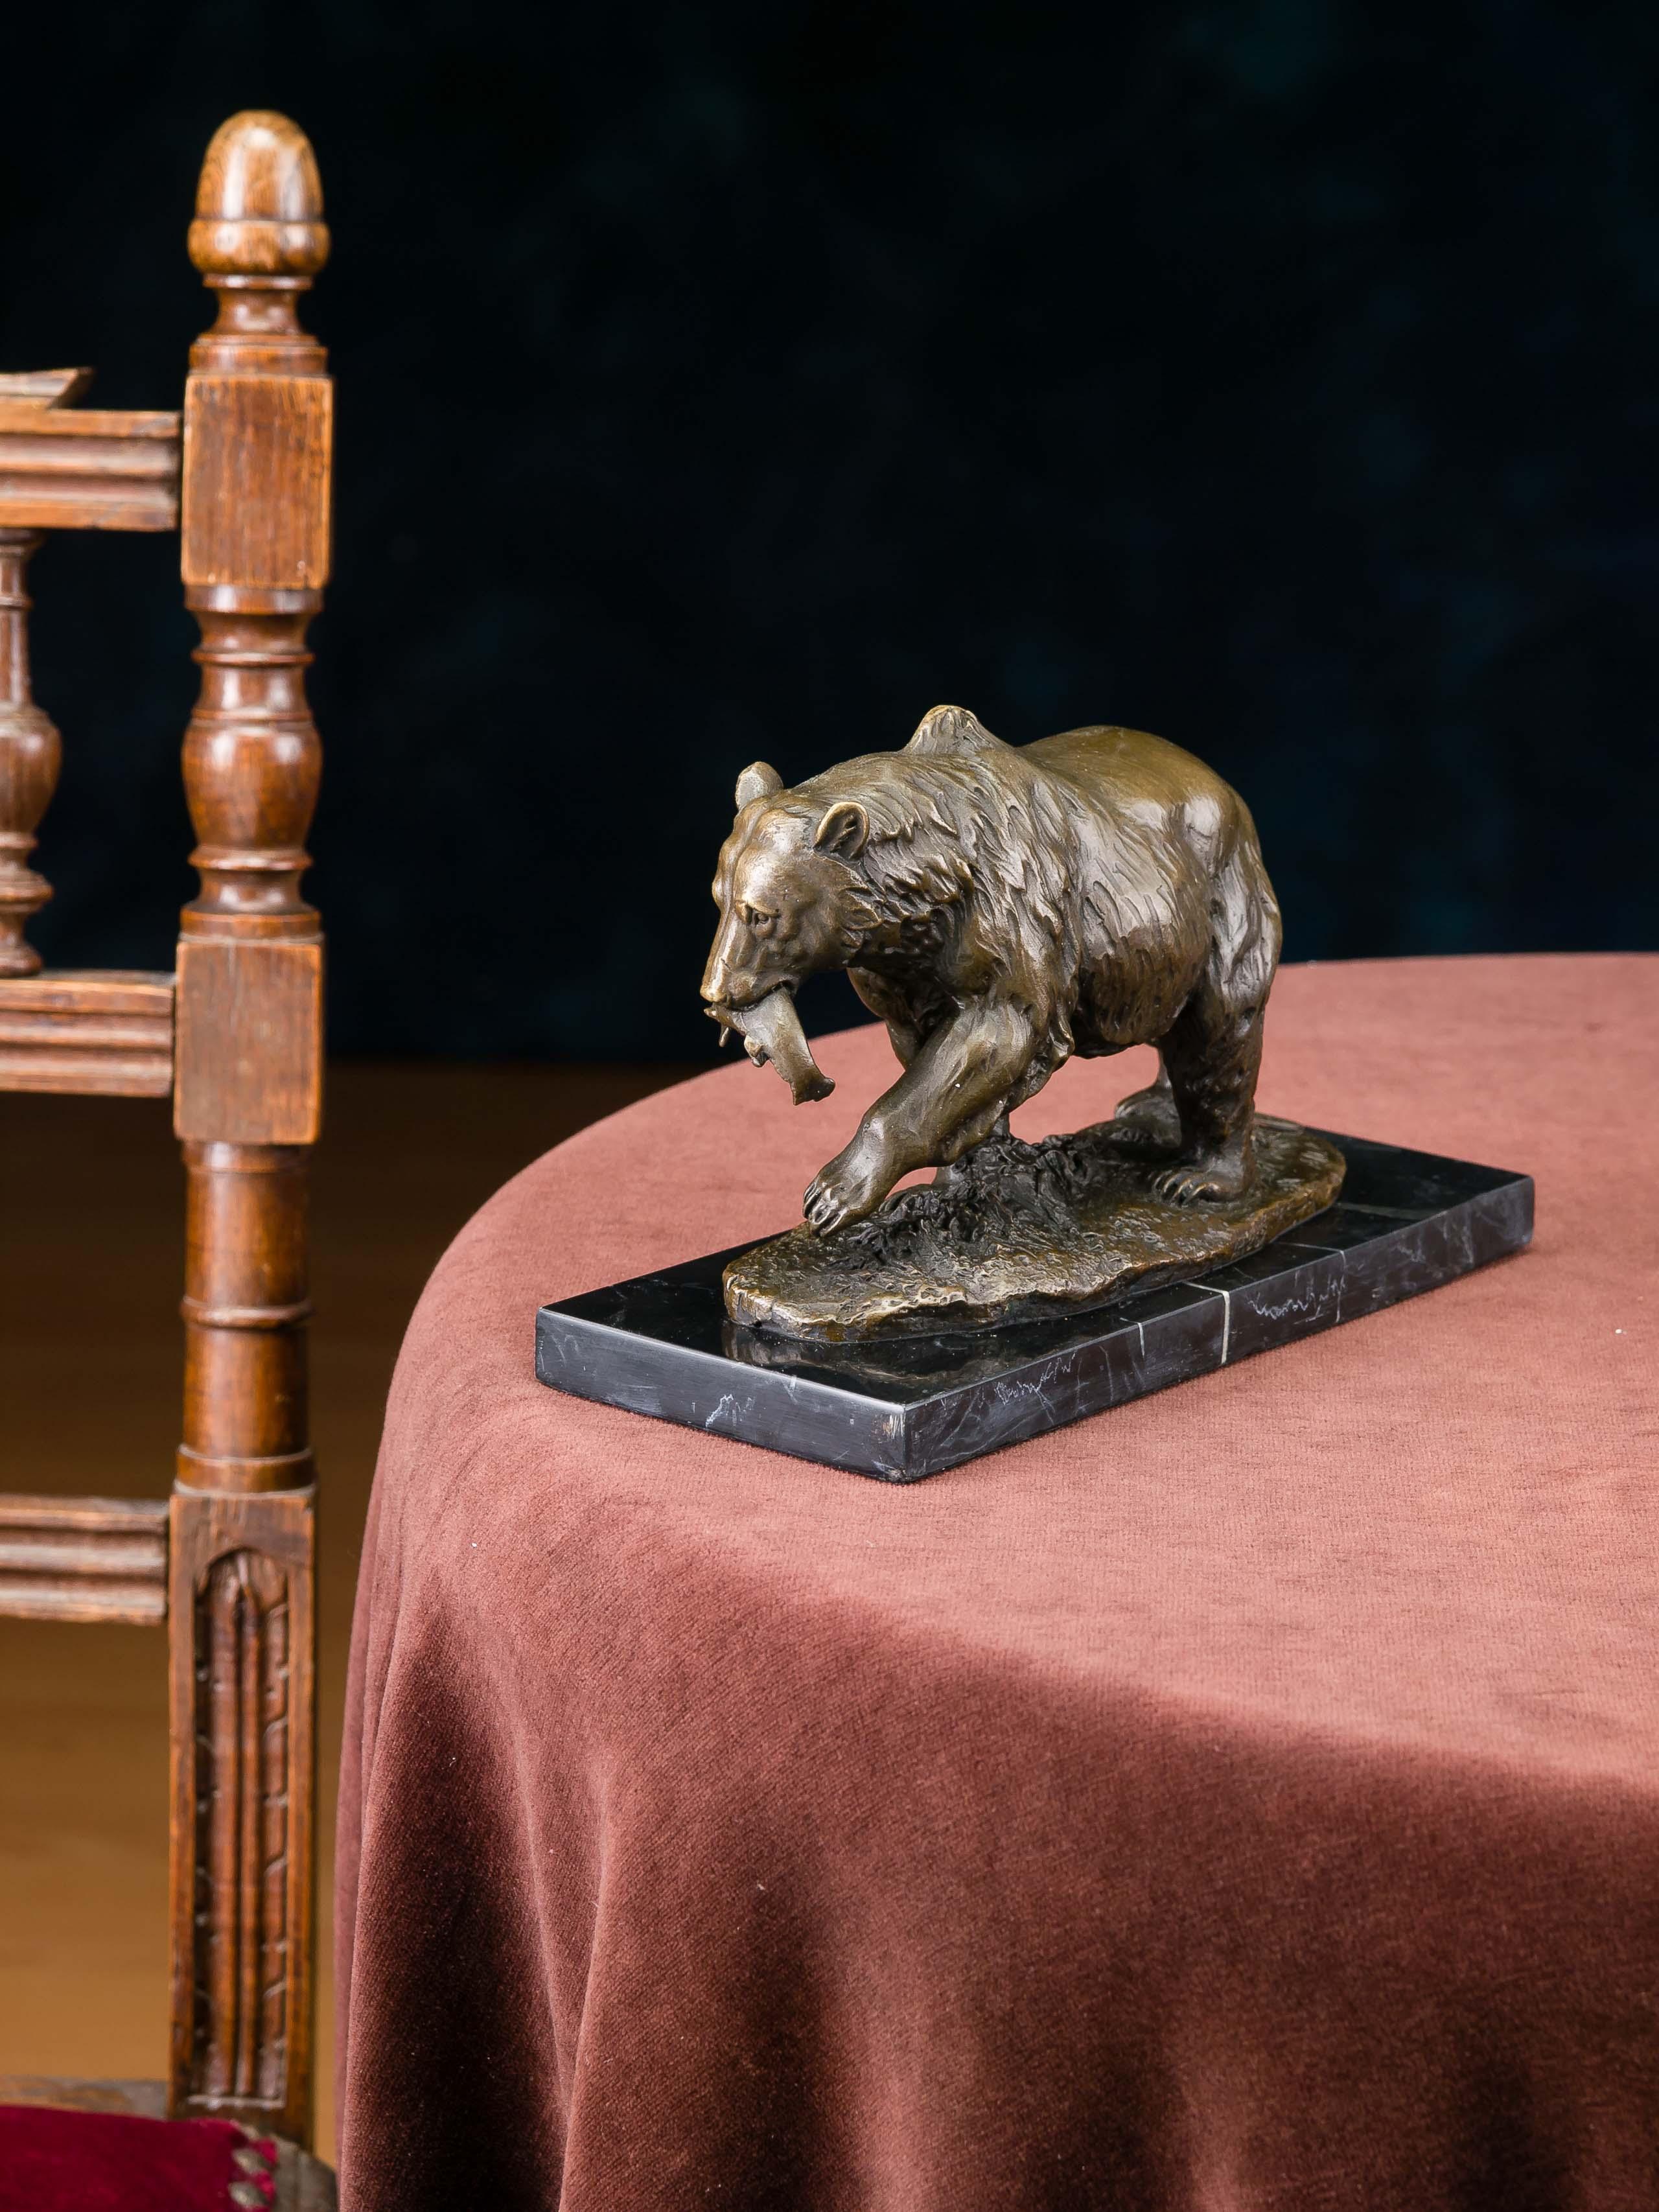 Bronzeskulptur Grizzly Bär Fisch Bronze Bronzefigur Skulptur Antik-Stil